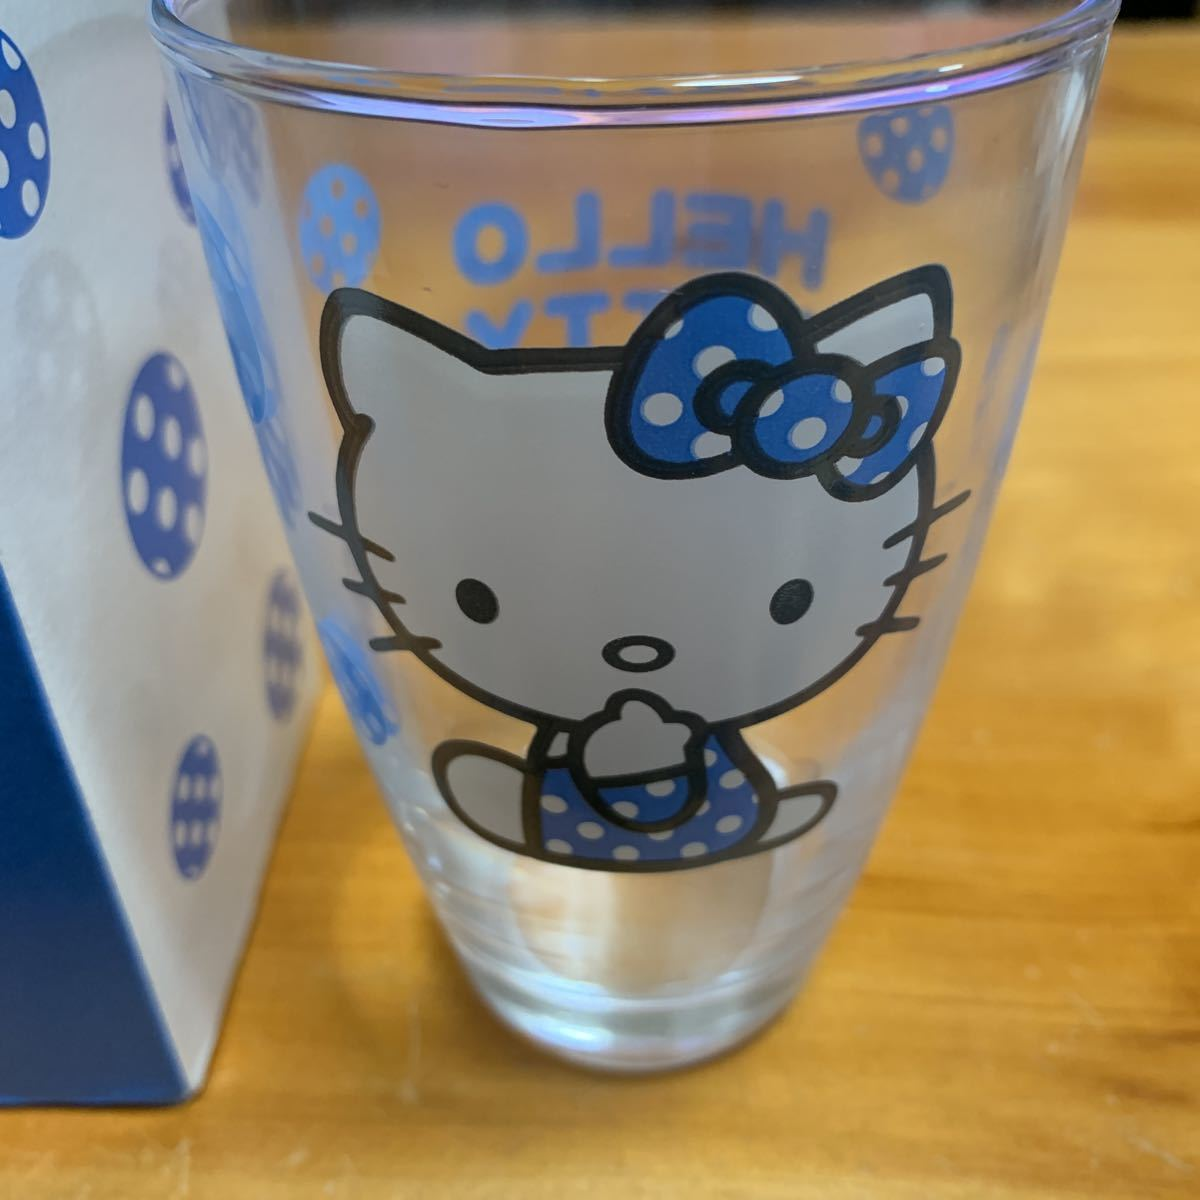 ハローキティ 清涼グラス 1個 洋服の青山 ノベルティ新品 未使用品 送料無料_画像2